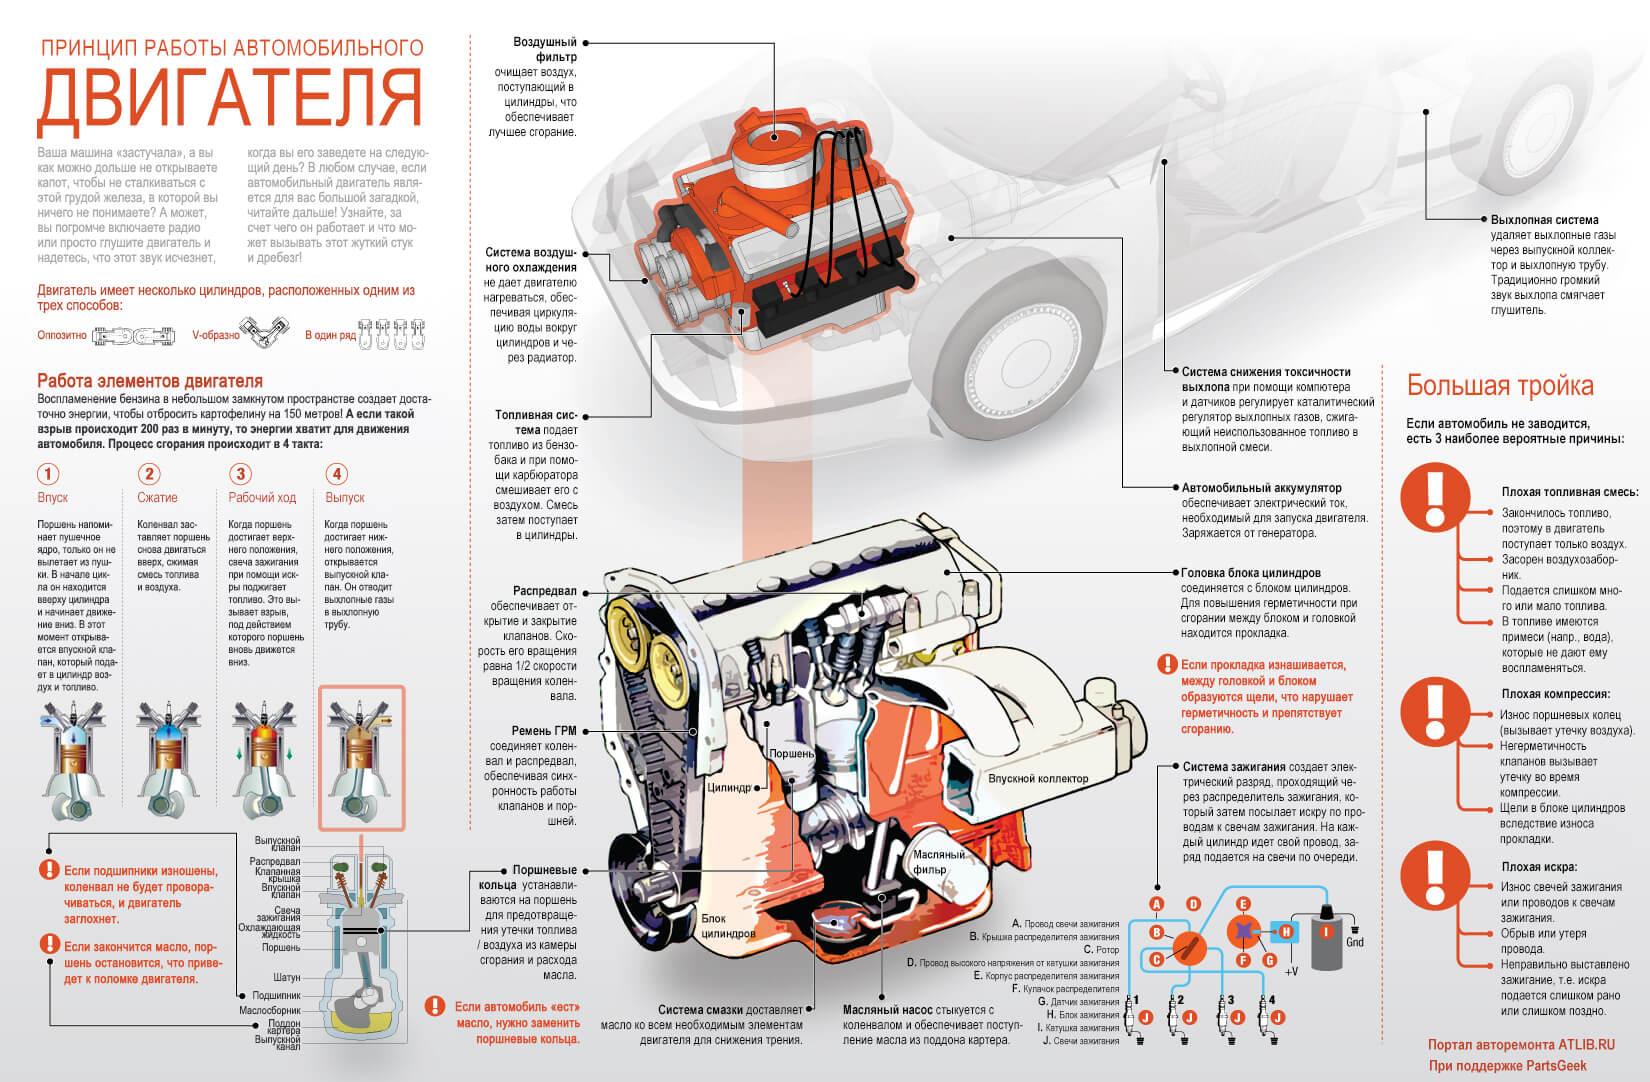 Двигатель в автомобиле – Принцип работы и устройство двигателя